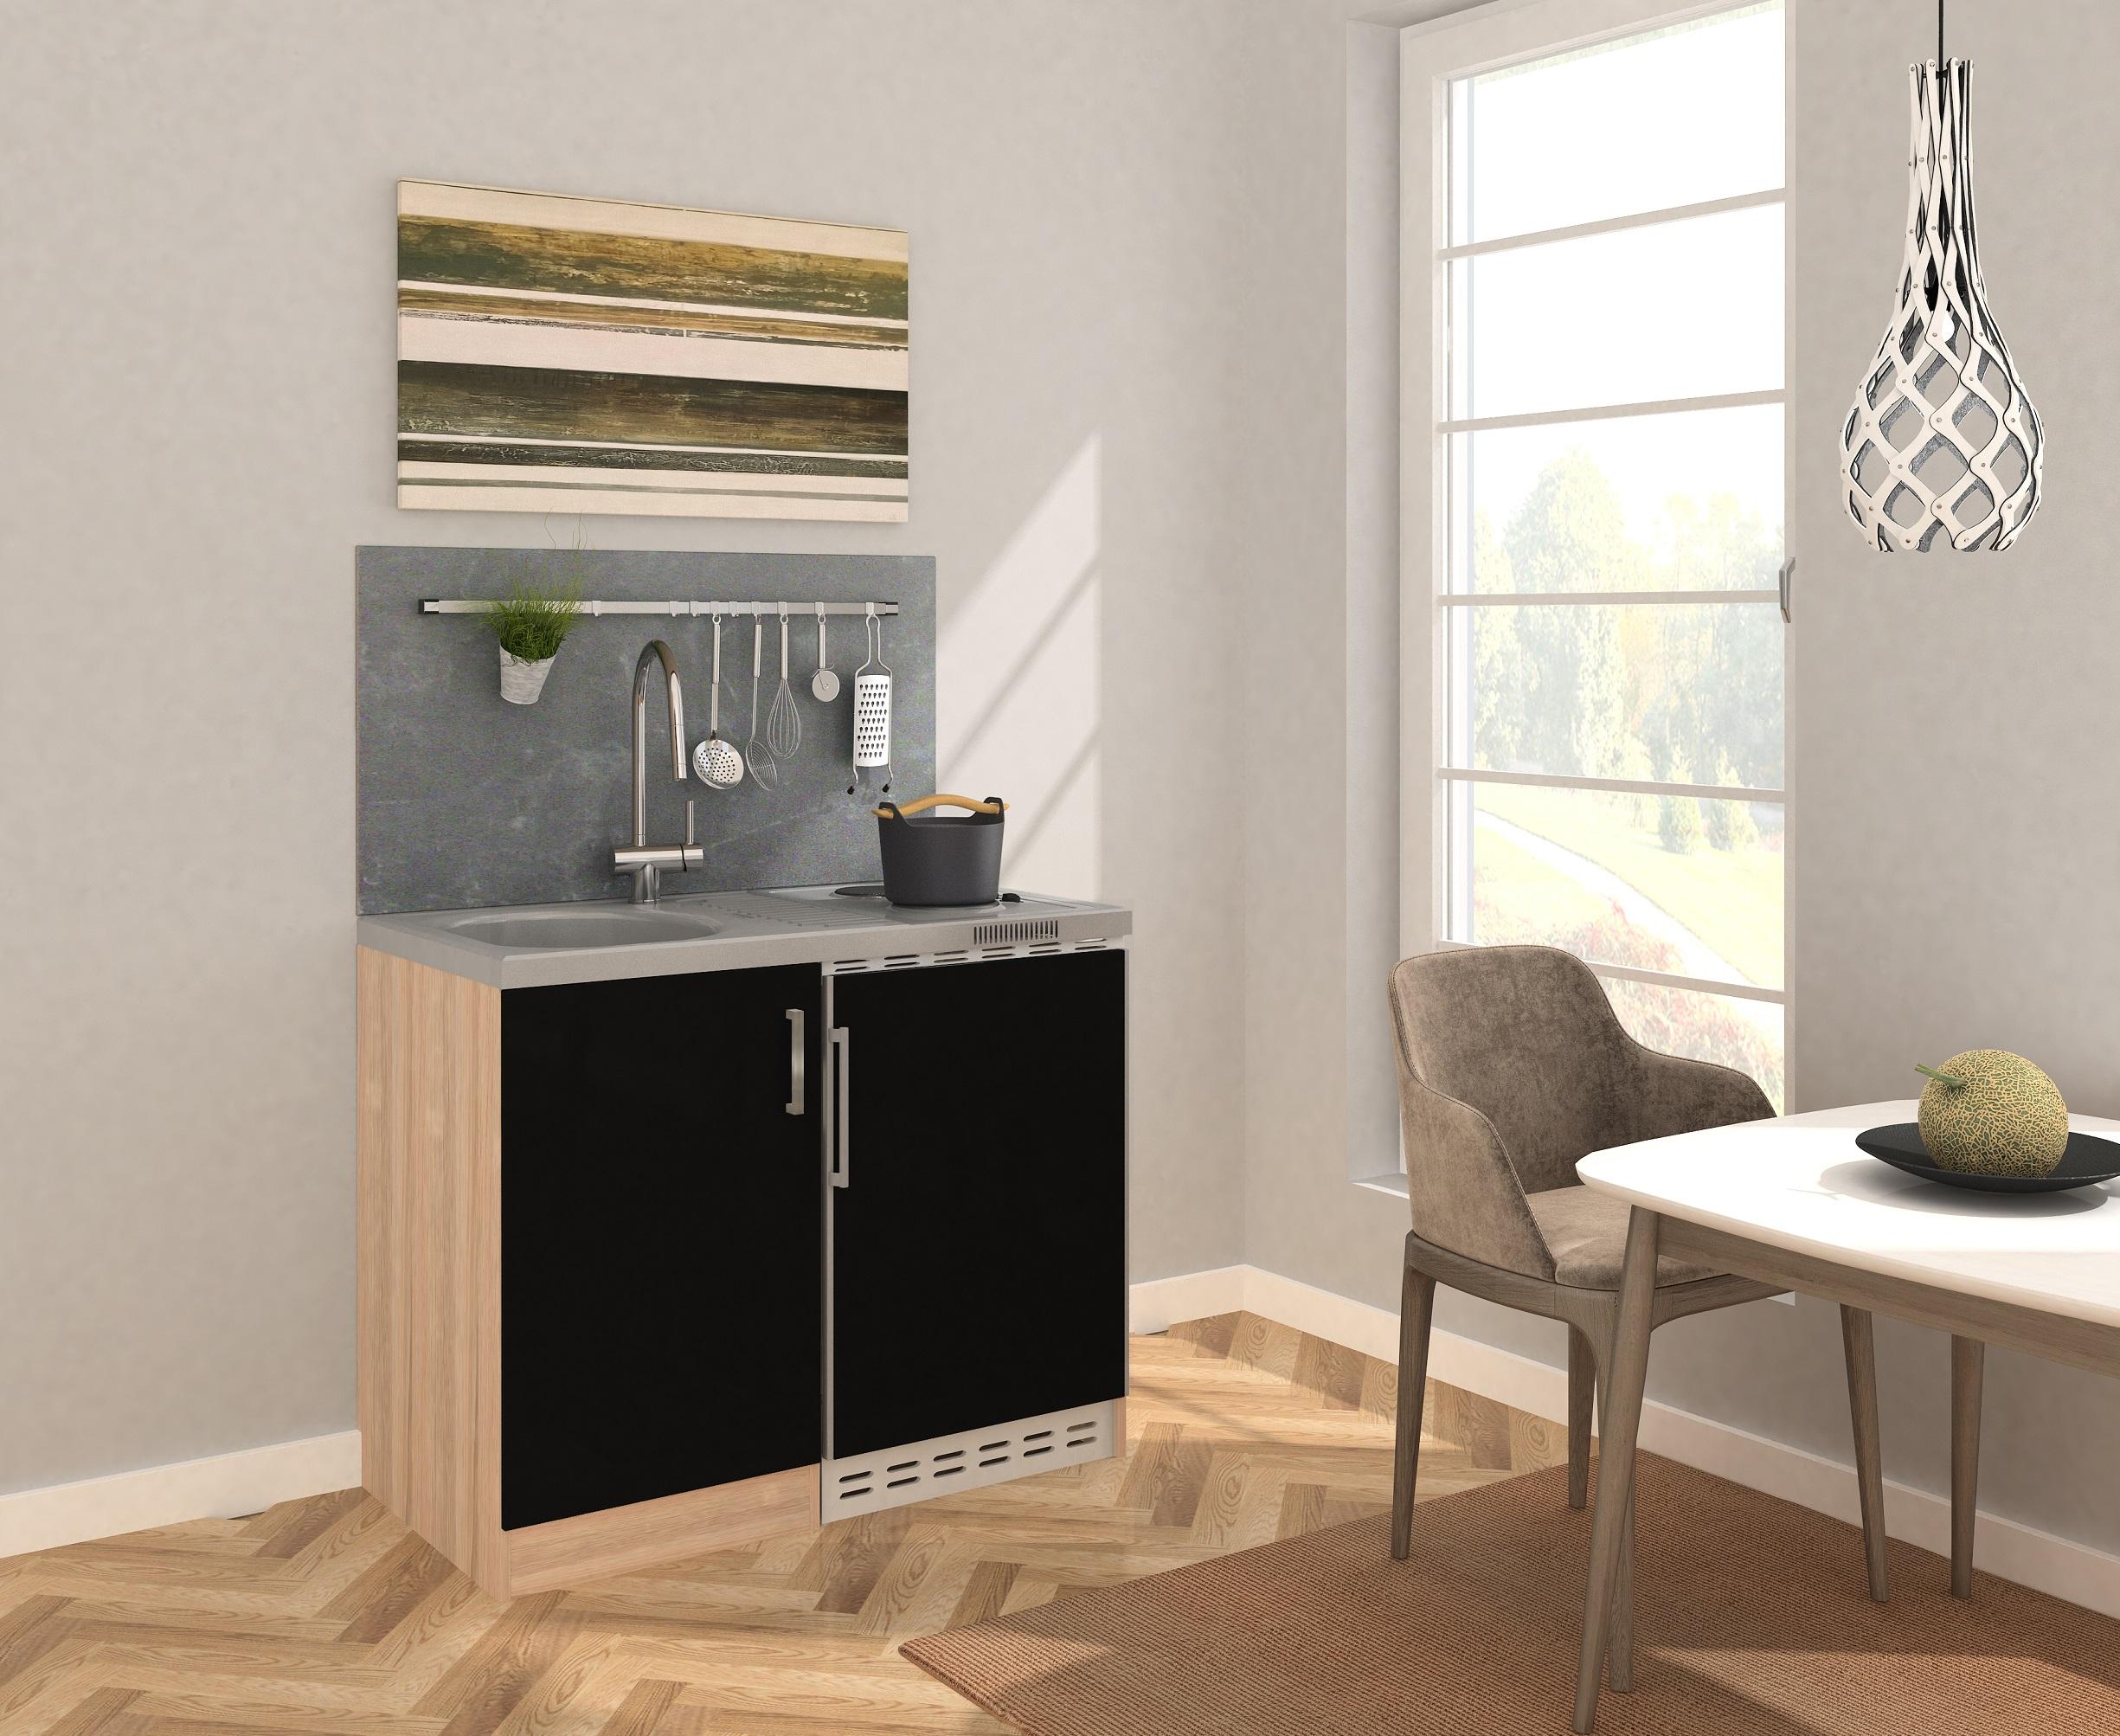 Dettagli su Mini Cucina Cucina Angolo Cucina Blocco Cucina 100 cm Rovere  Segato Grezzo Nero